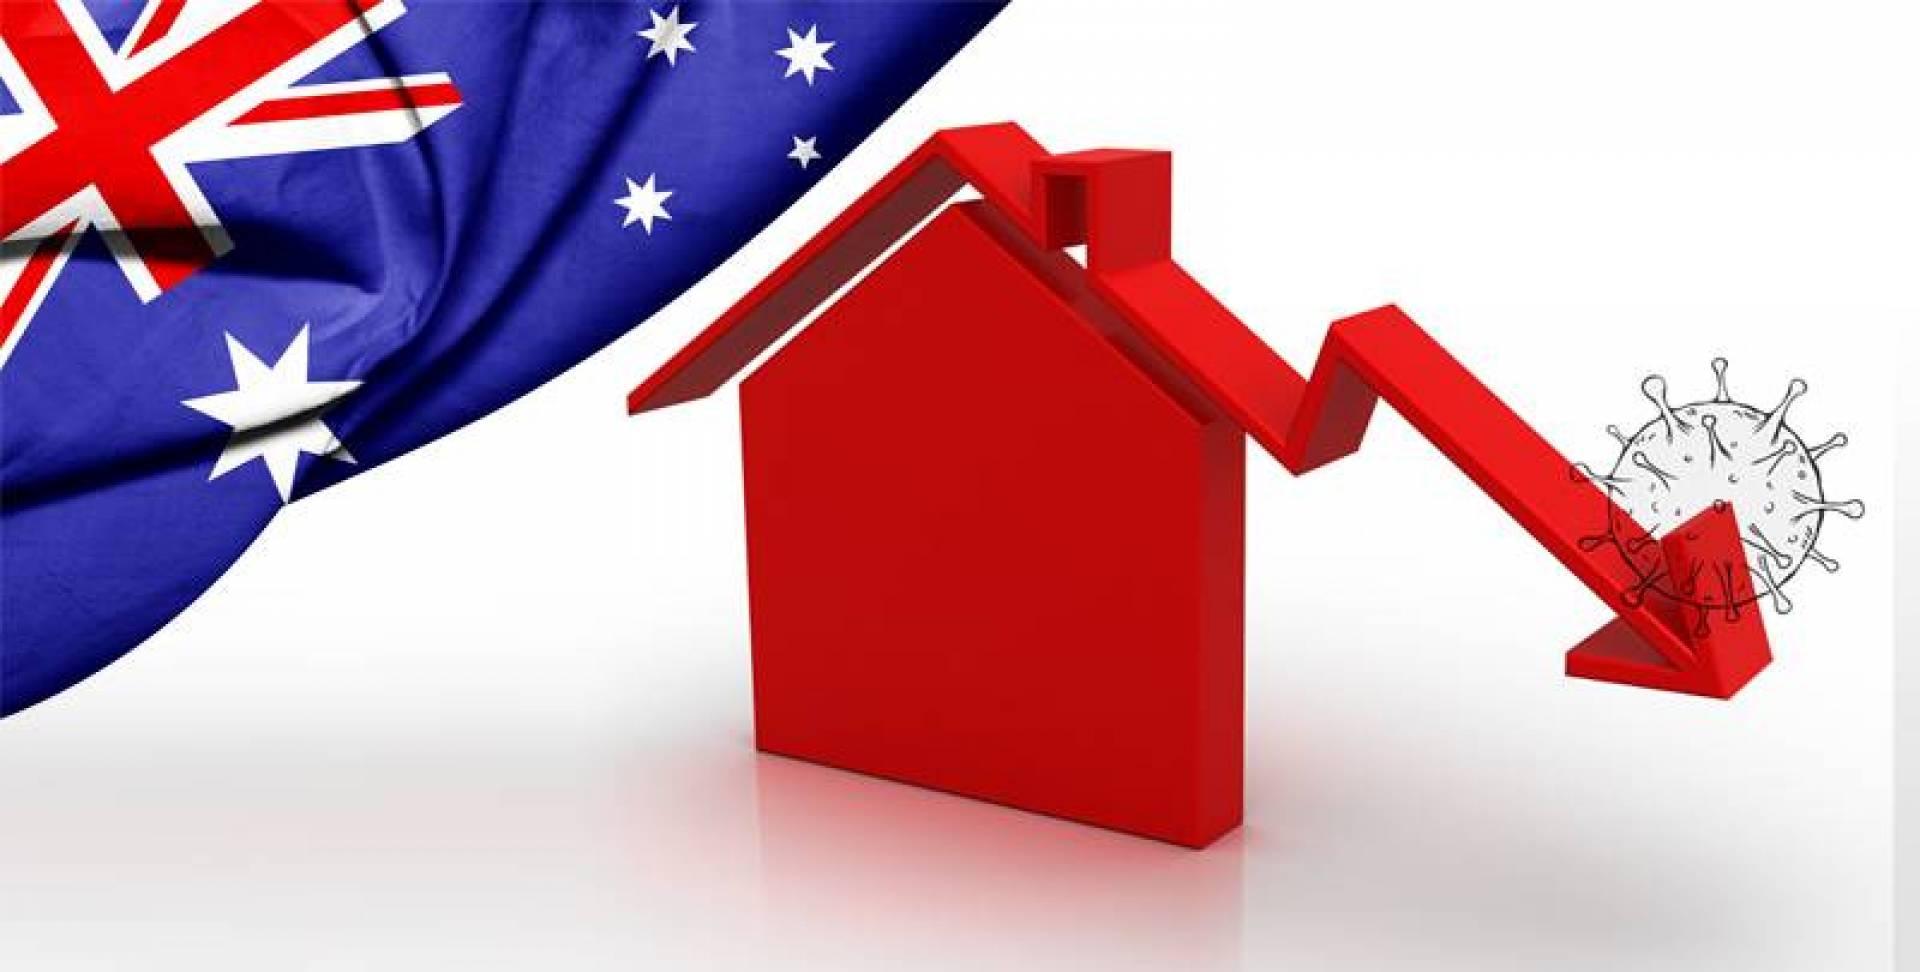 أستراليا: السوق أكثر صعوبة!